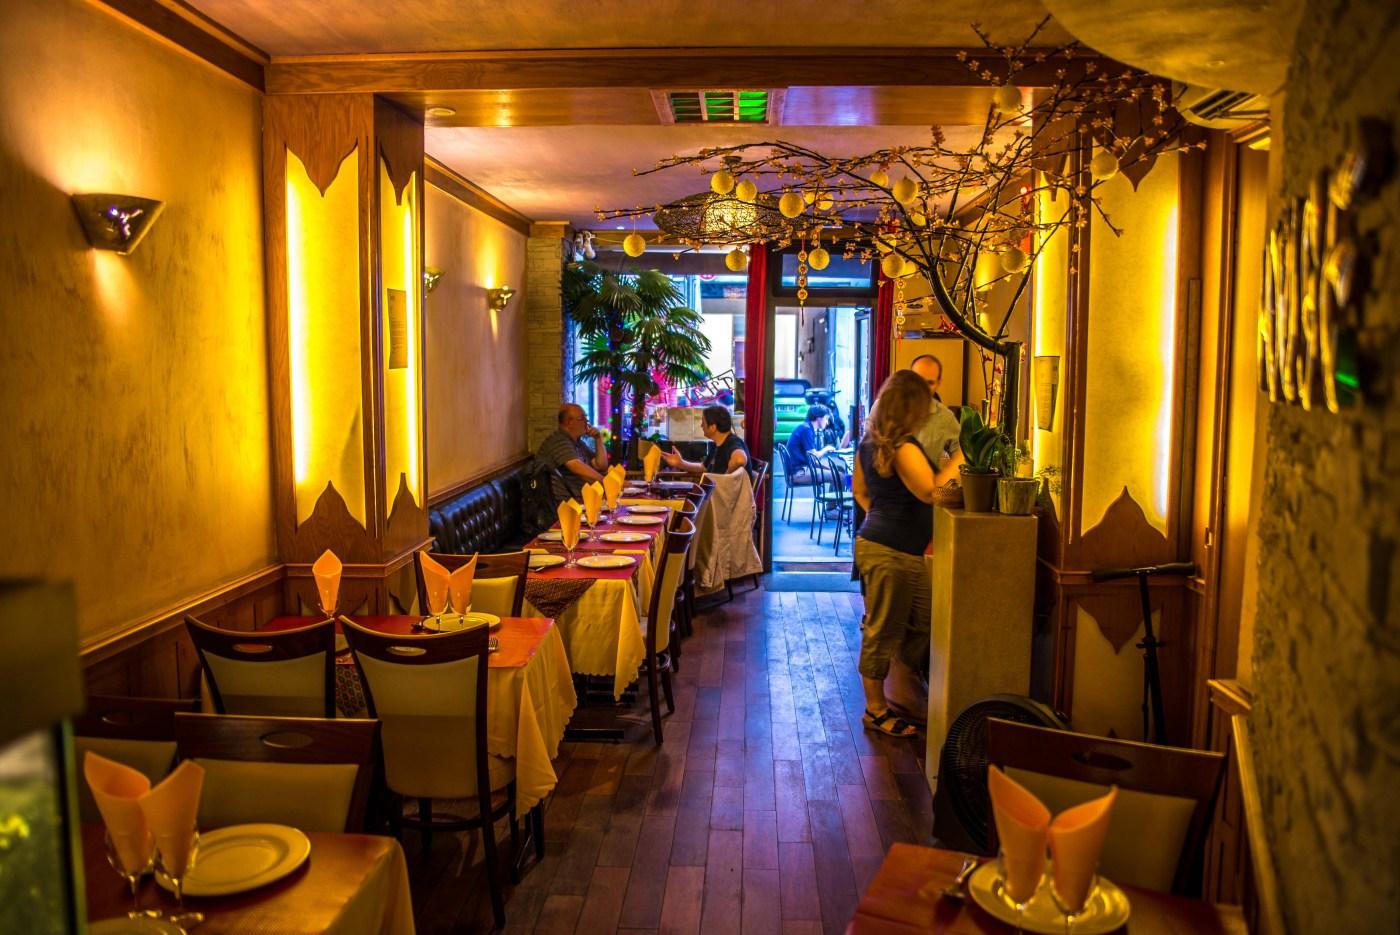 thai house ou manger à Paris, restaurant thai